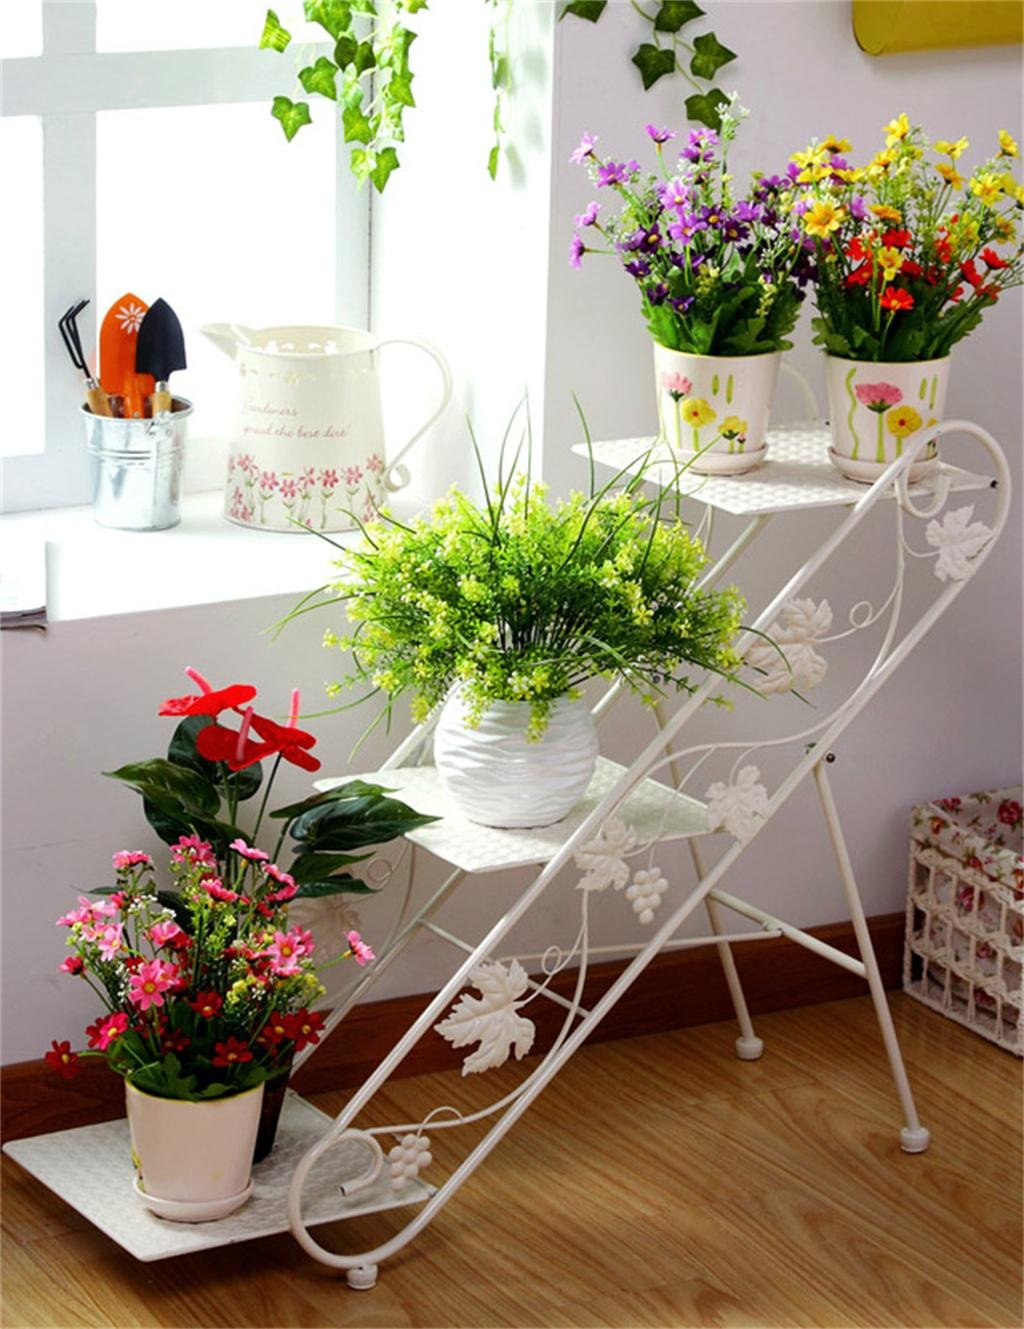 HZA Eisen 3-stöckiges Fußboden-Strichleiter-Flowerpot-Zahnstange, Betriebs-Standplatz, Blumen-Regal für Wohnzimmer, Innen-und im Freien Hochwertige Materialien ( farbe : Weiß )